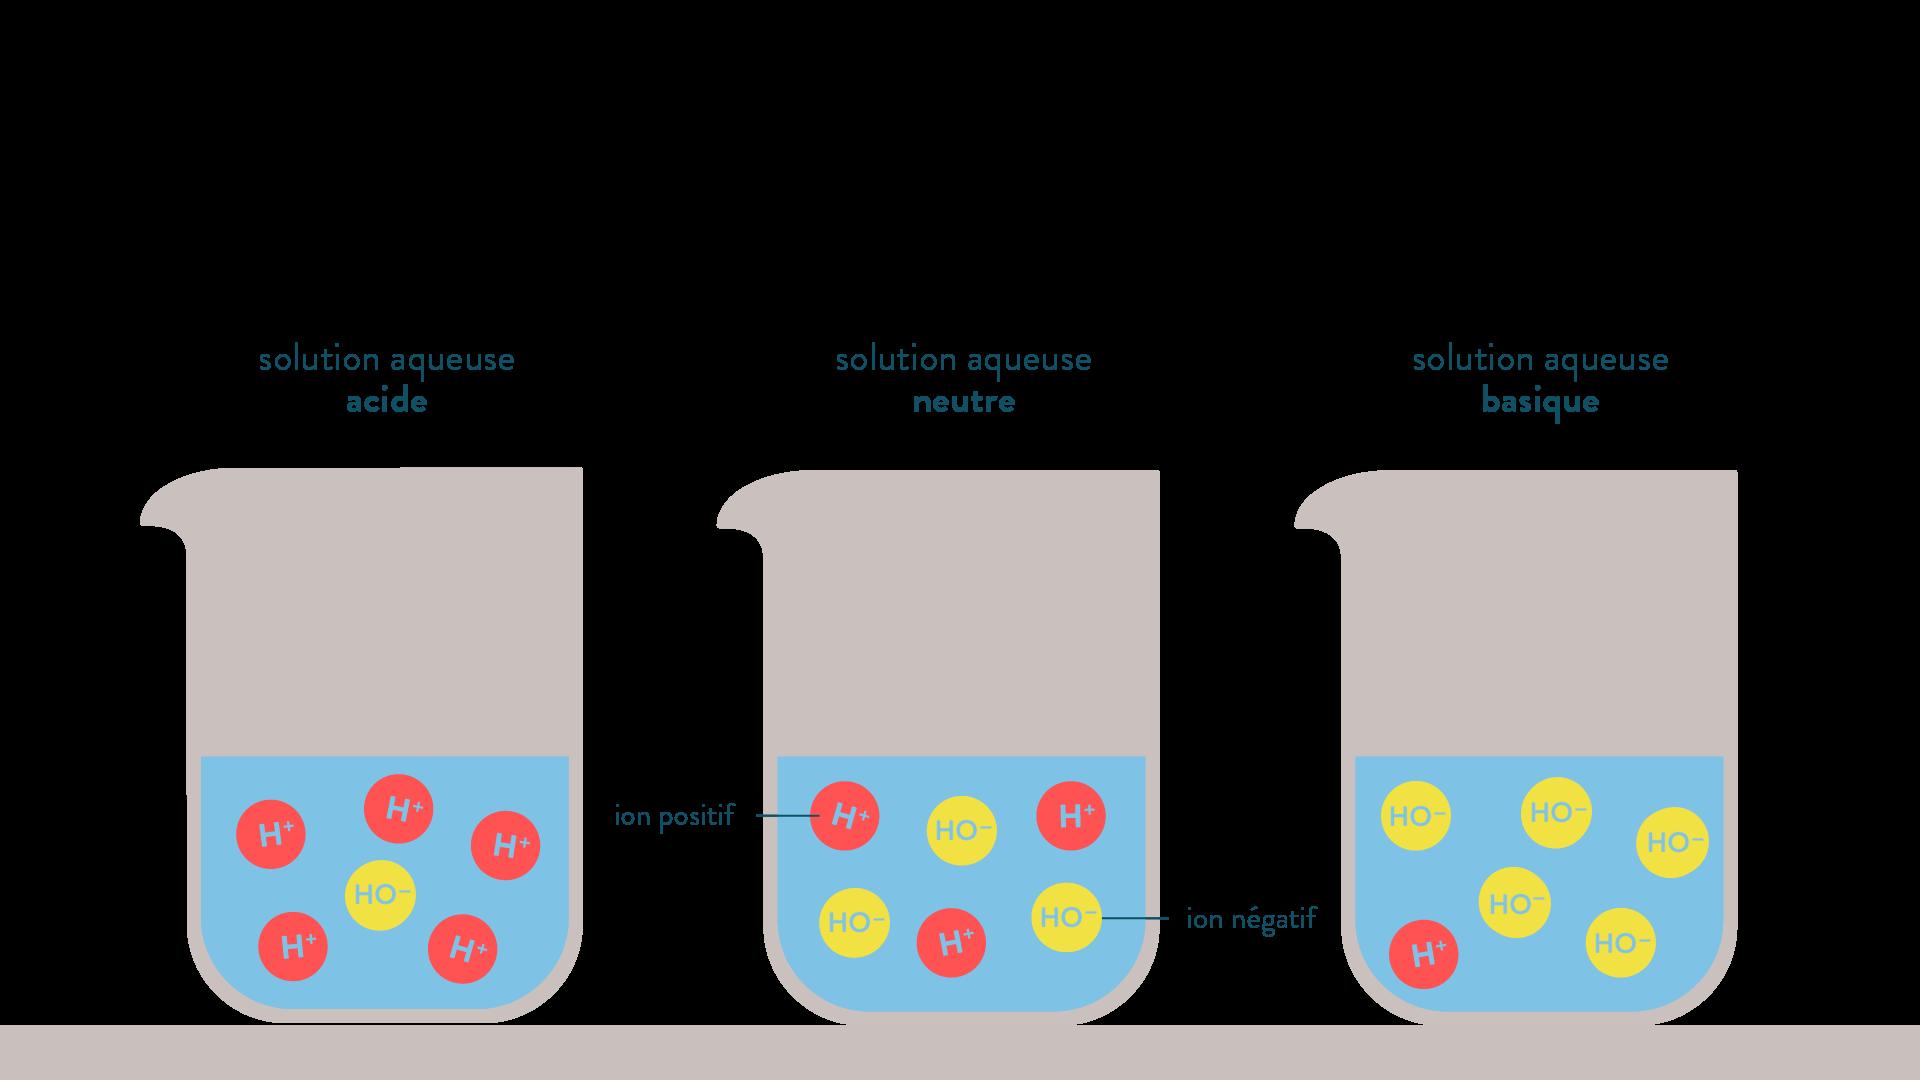 Solutions aqueuses acide, neutre et basique